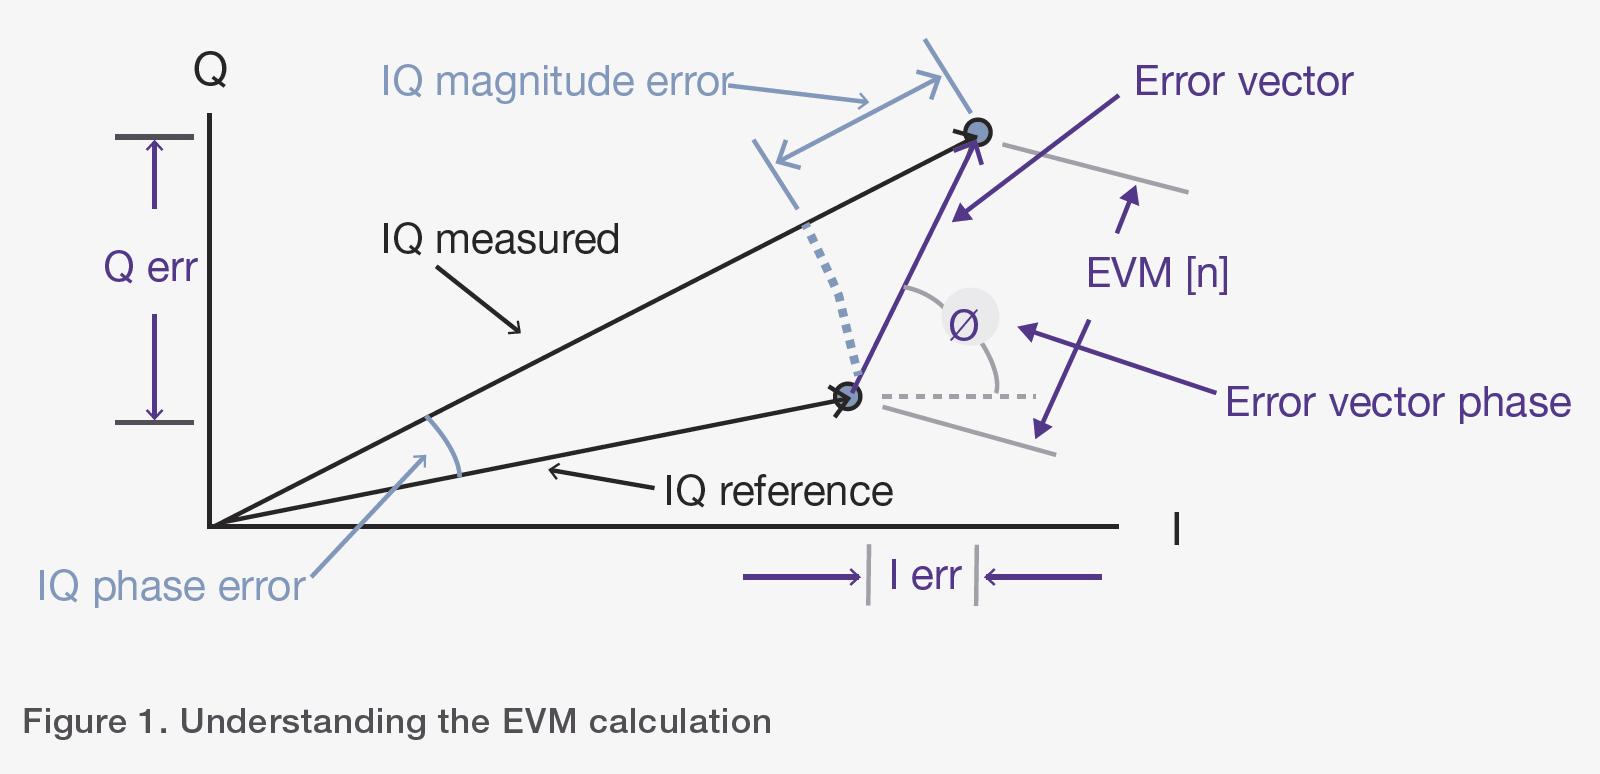 Figure 1. Understanding the EVM calculation